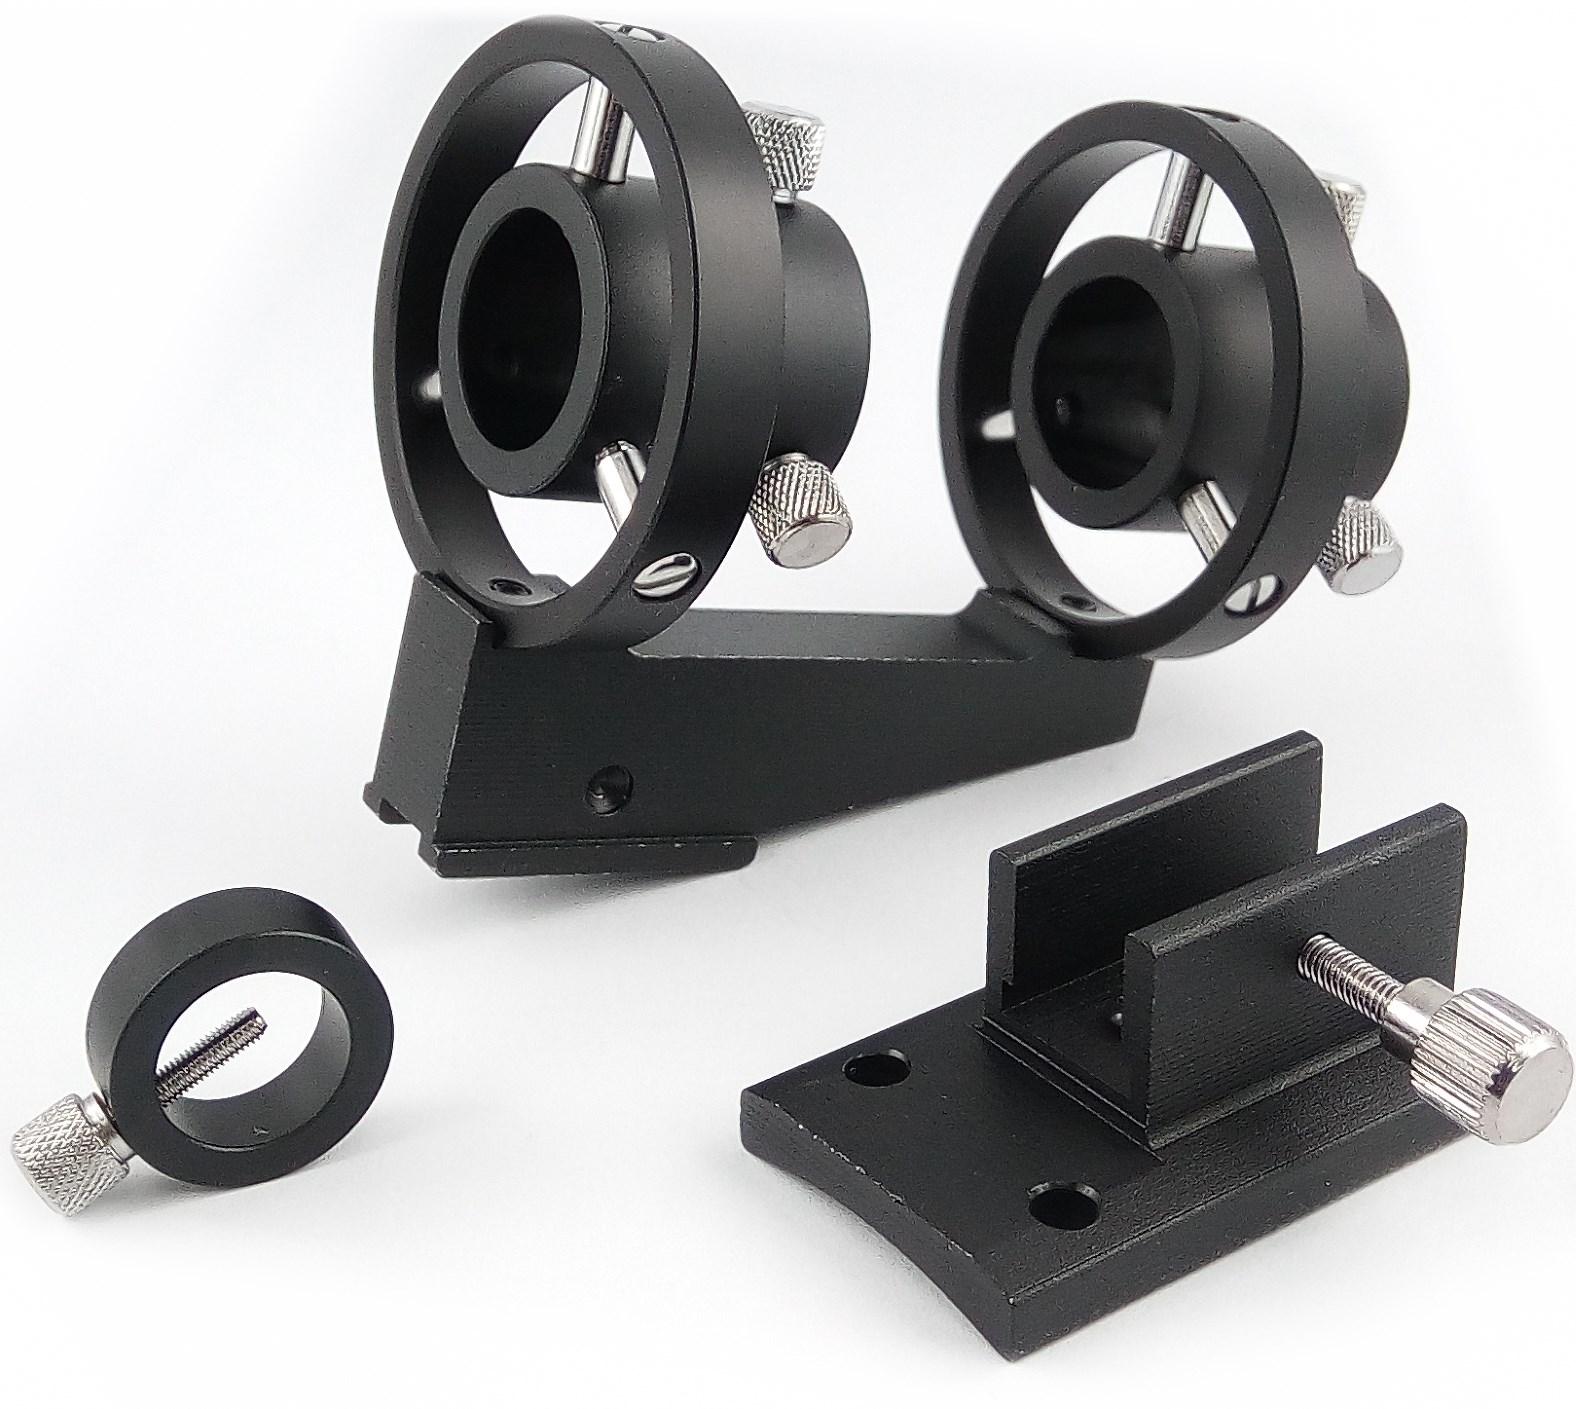 chercheurs support deluxe pour pointeur laser vert. Black Bedroom Furniture Sets. Home Design Ideas